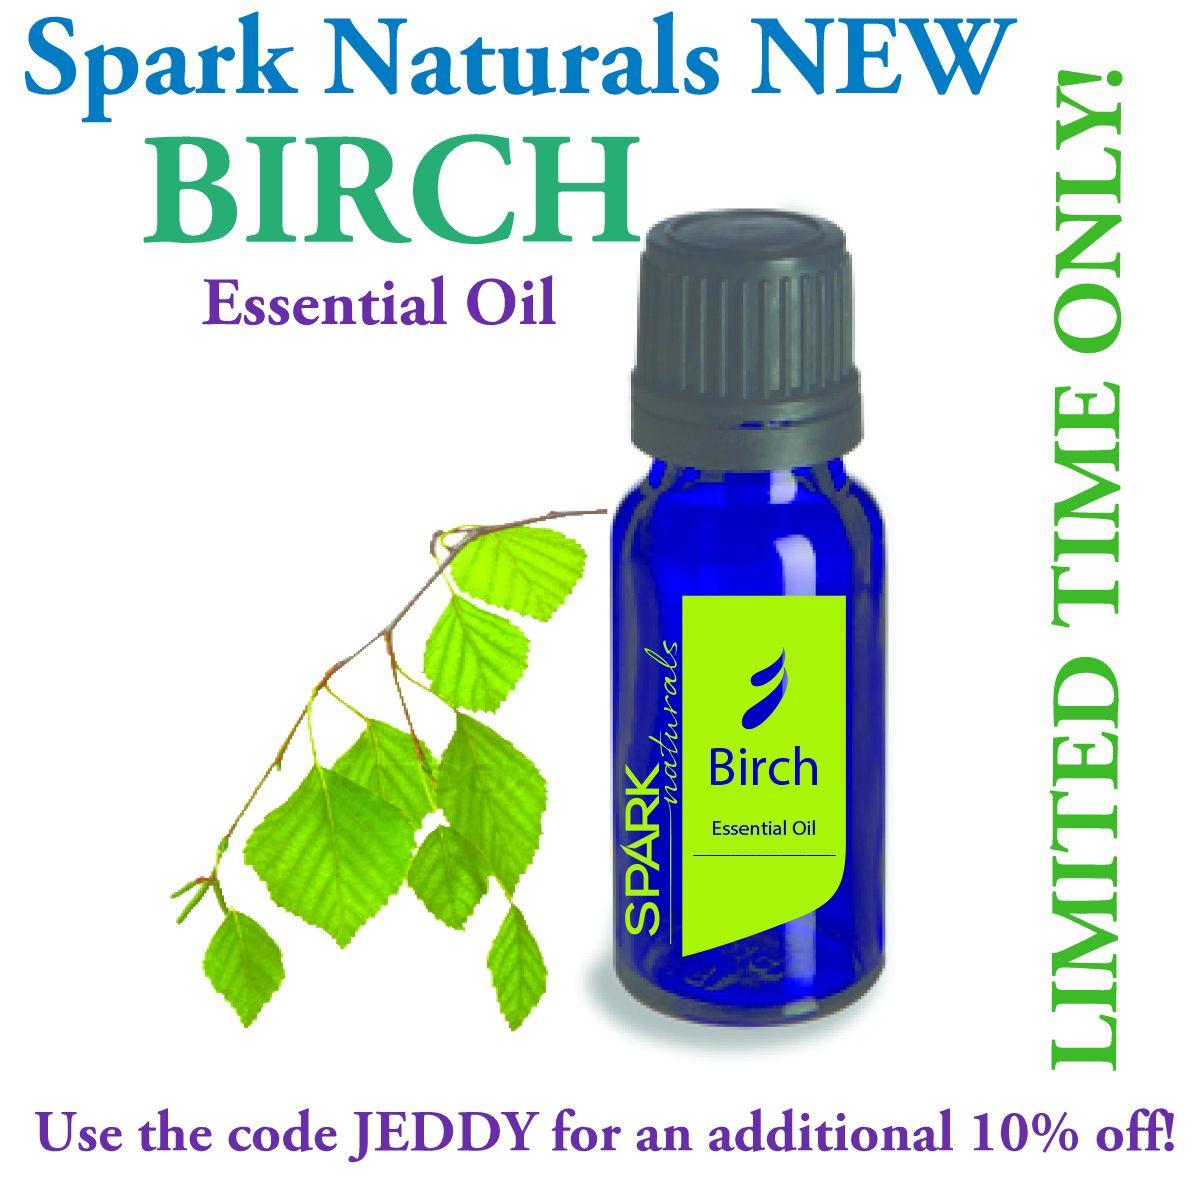 Spark Essentials Announces BIRCH Essential Oil (Canada